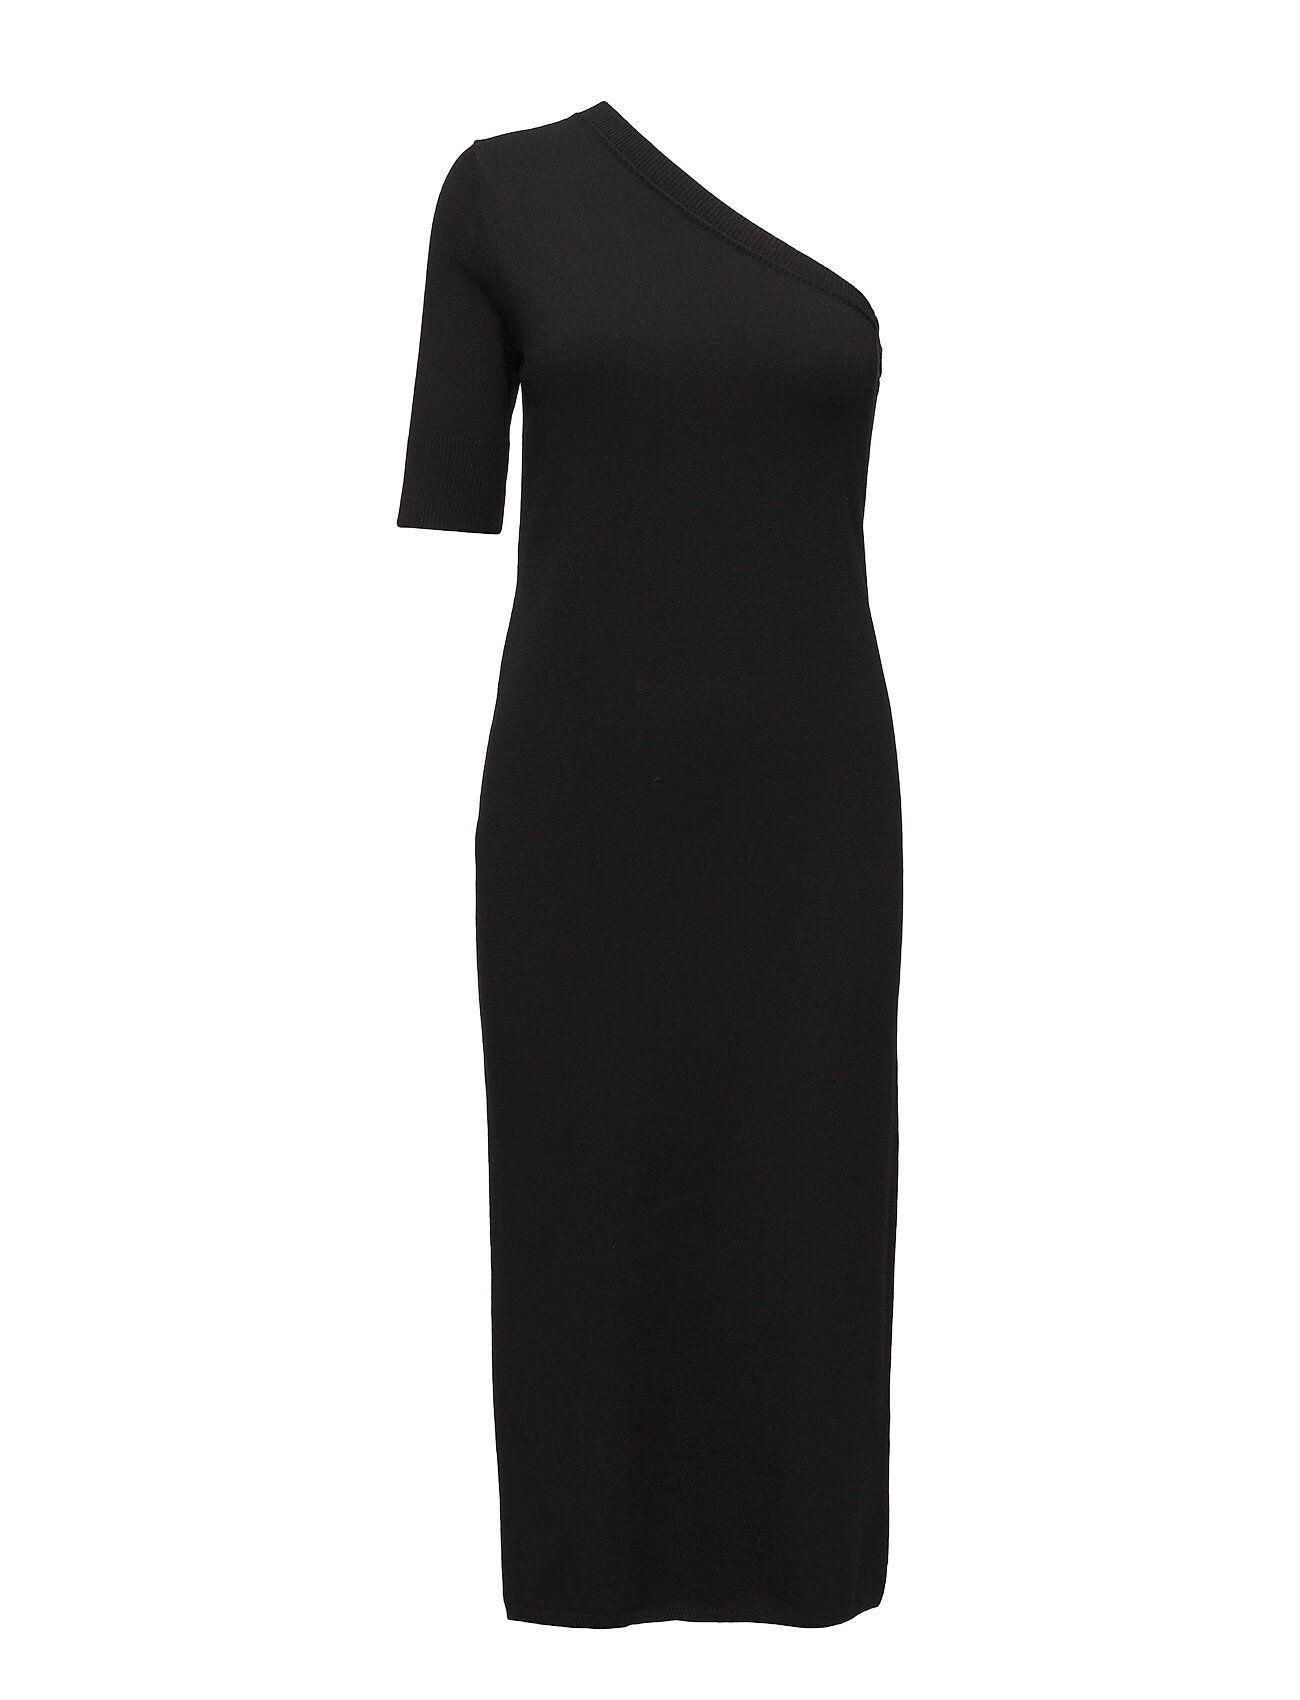 Rebecca Minkoff Shoshone Dress